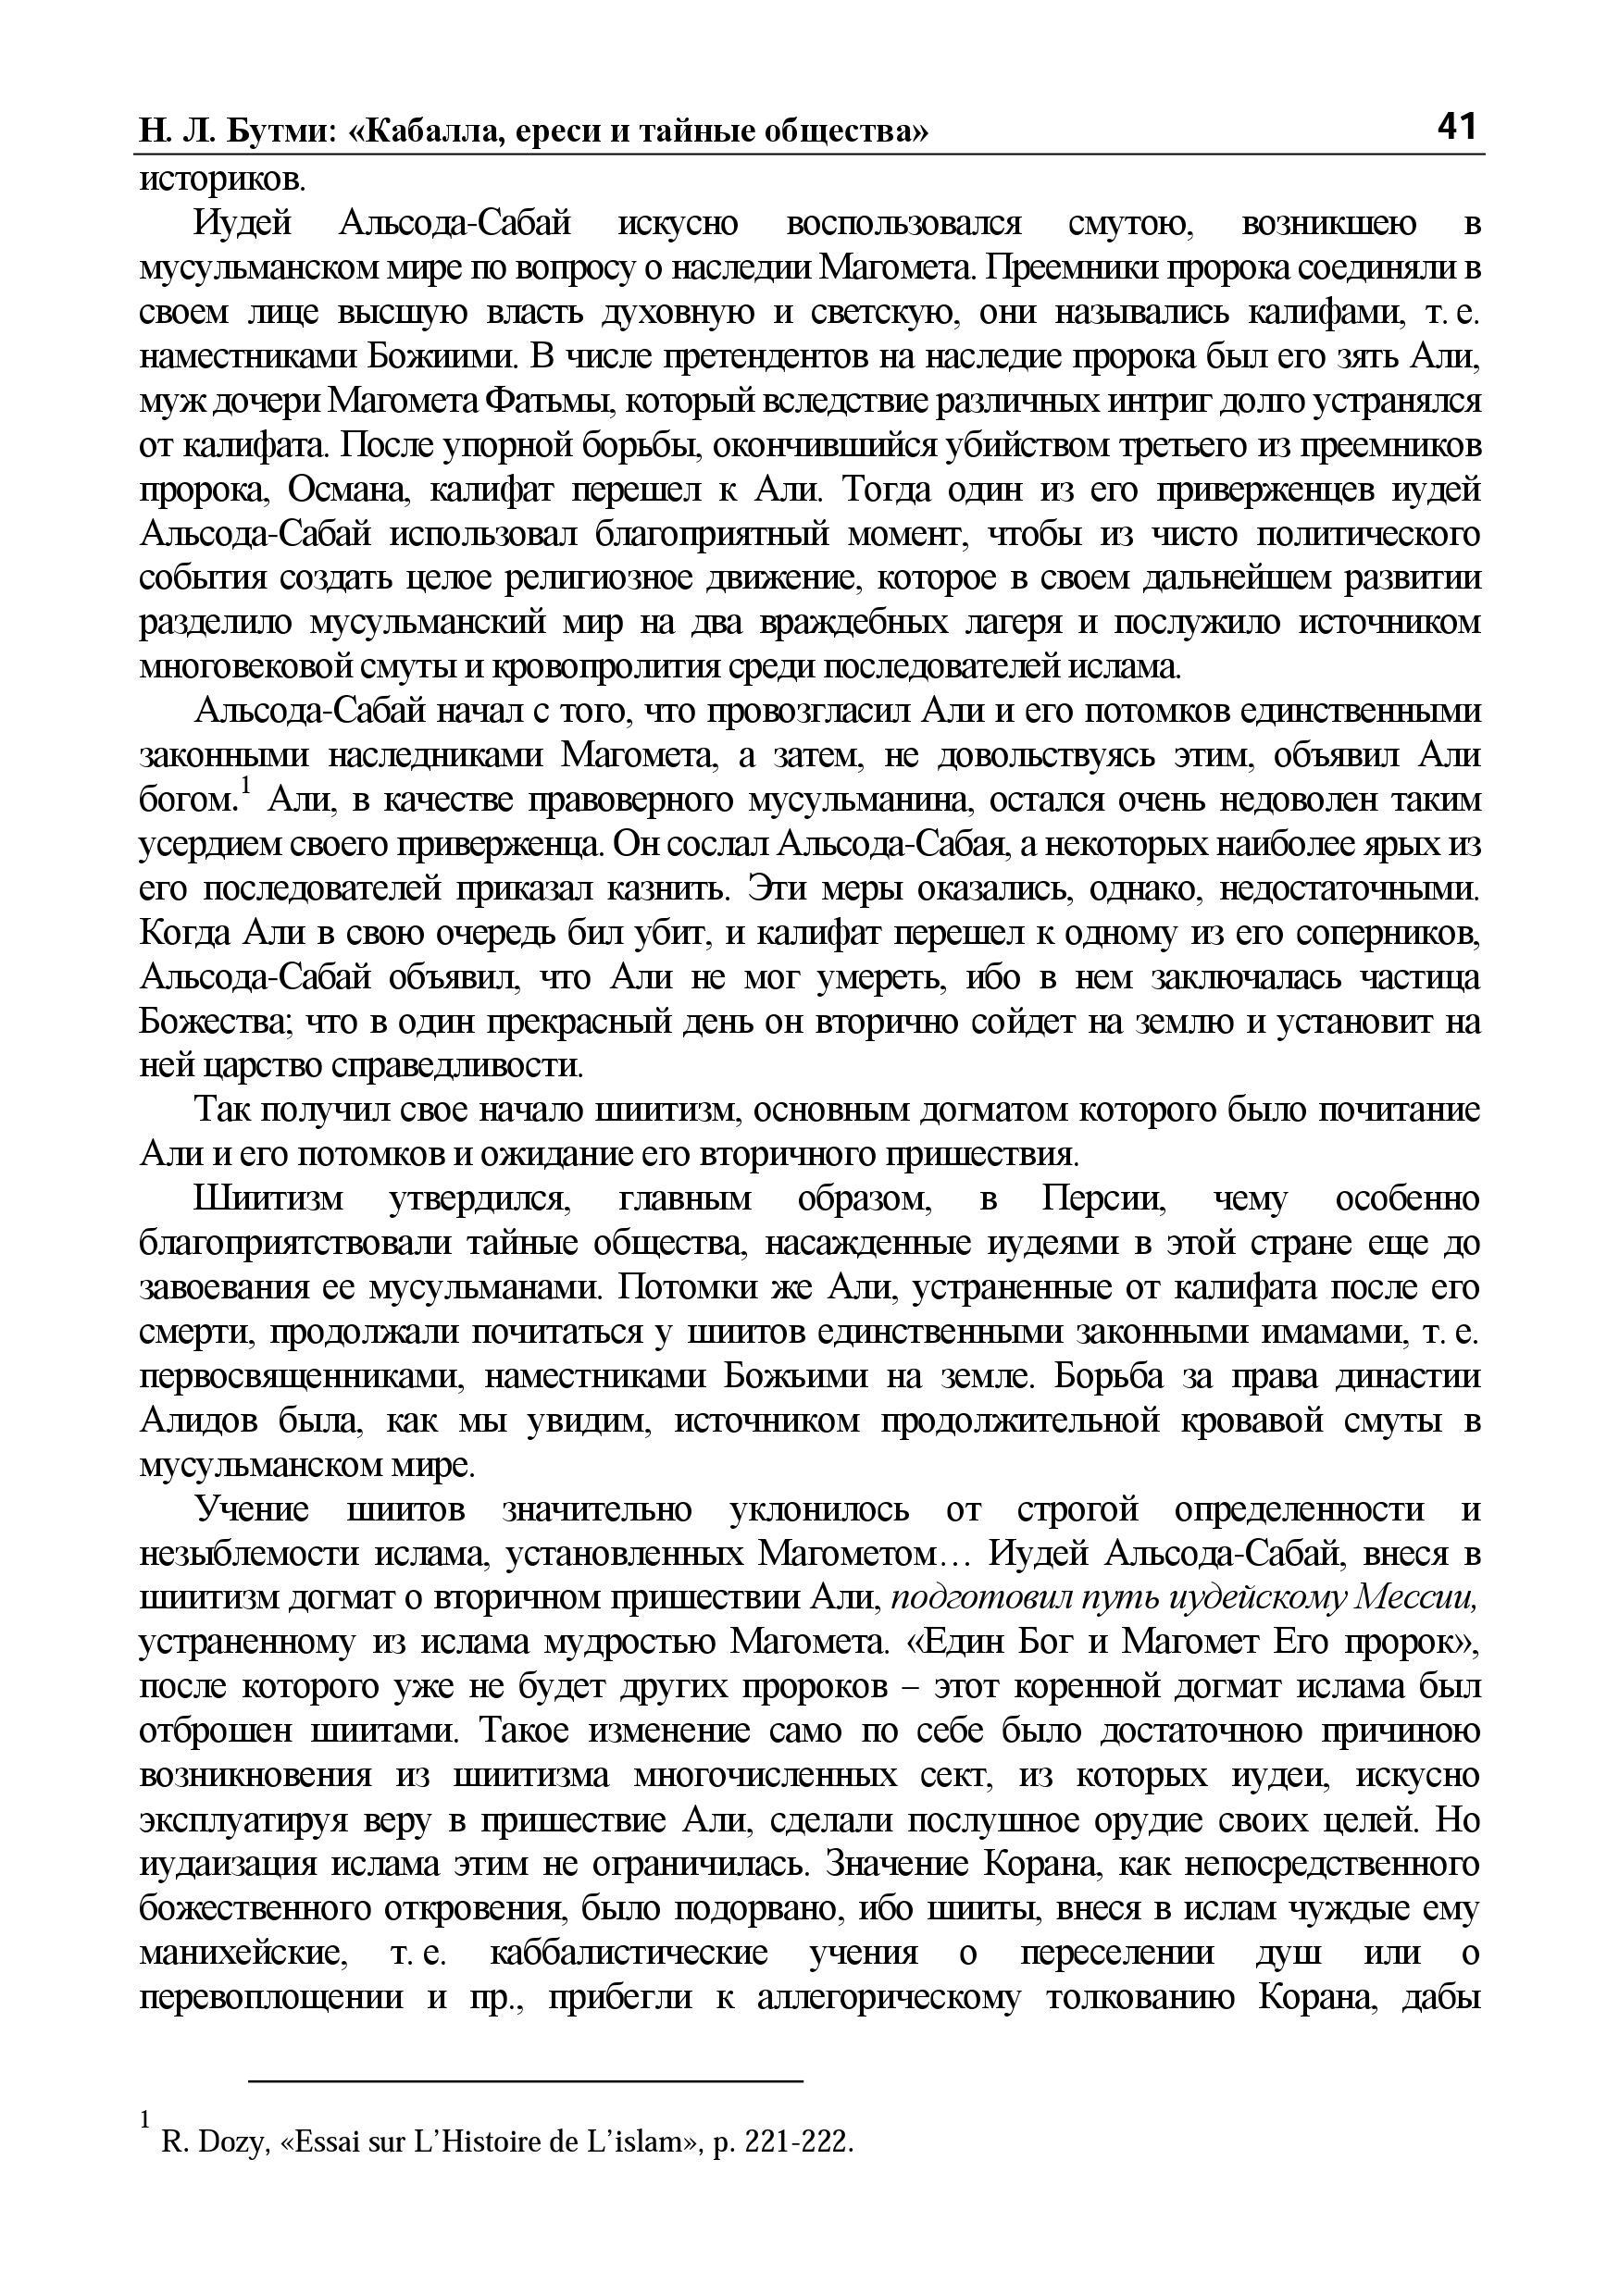 http://sg.uploads.ru/VxBRl.jpg